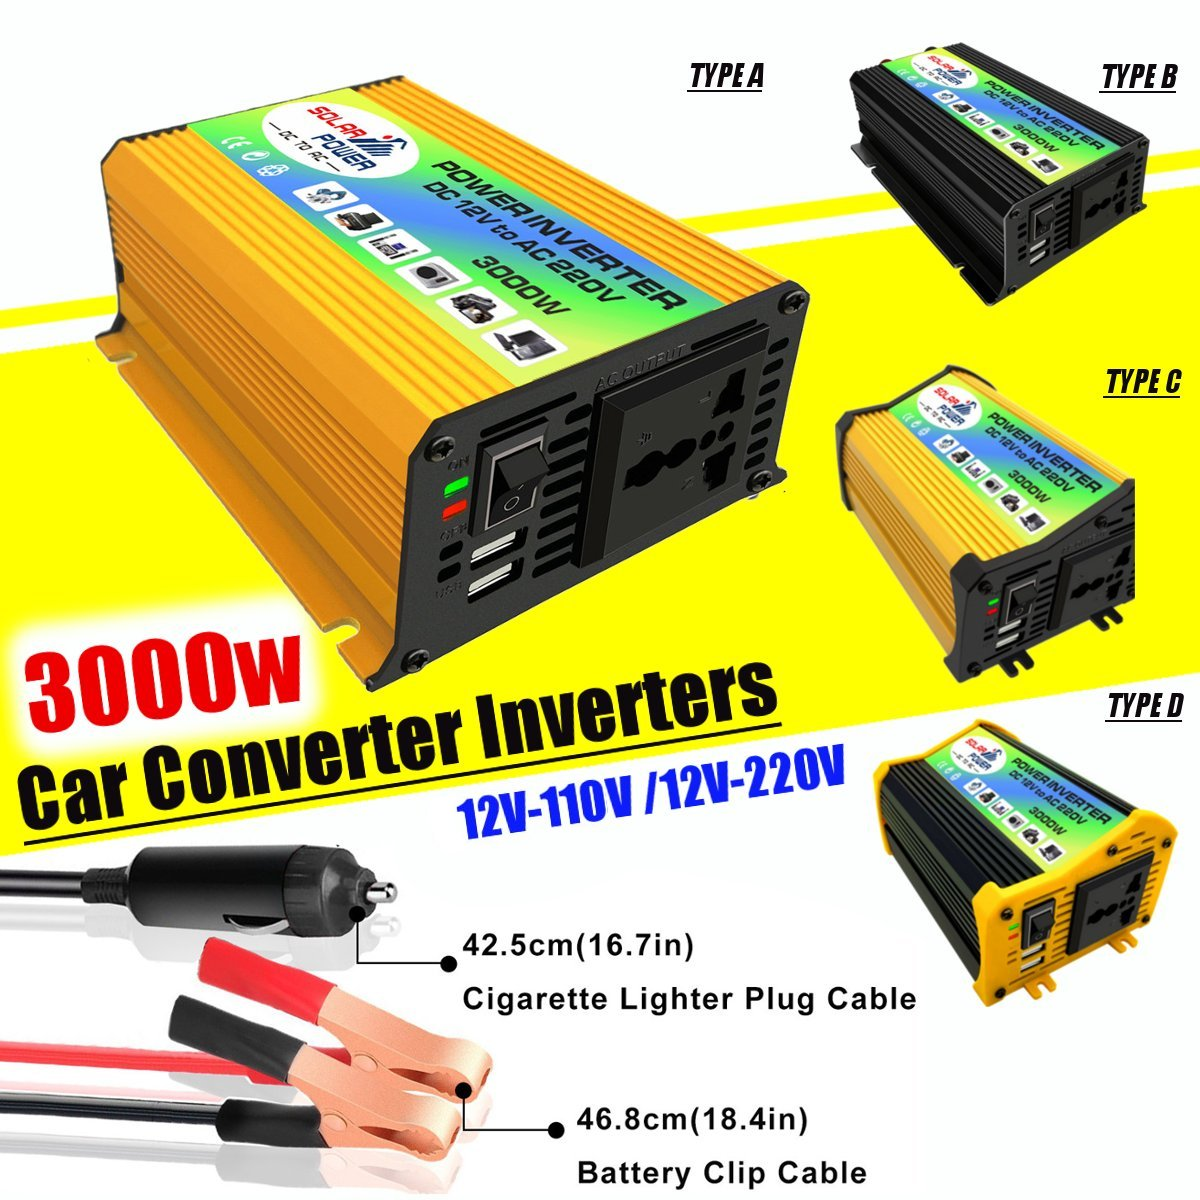 Solar Inverter 3000W Spannung Transformator Konverter DC 12V Zu AC 110V Auto Inverter Für Solar Inverter Hause geräte